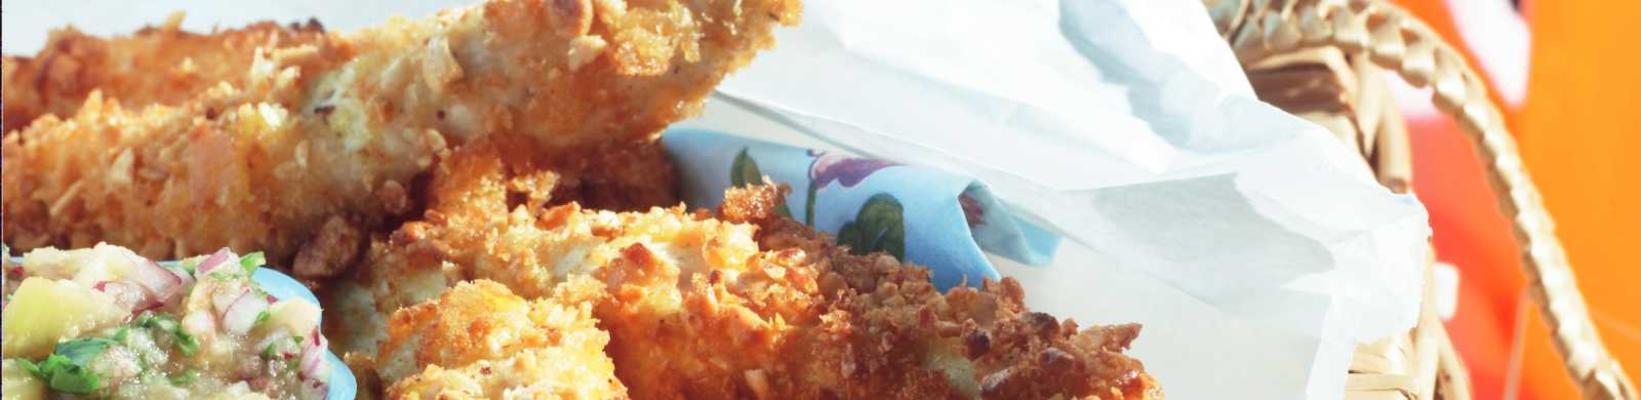 crispy chicken fingers with nectarine salsa